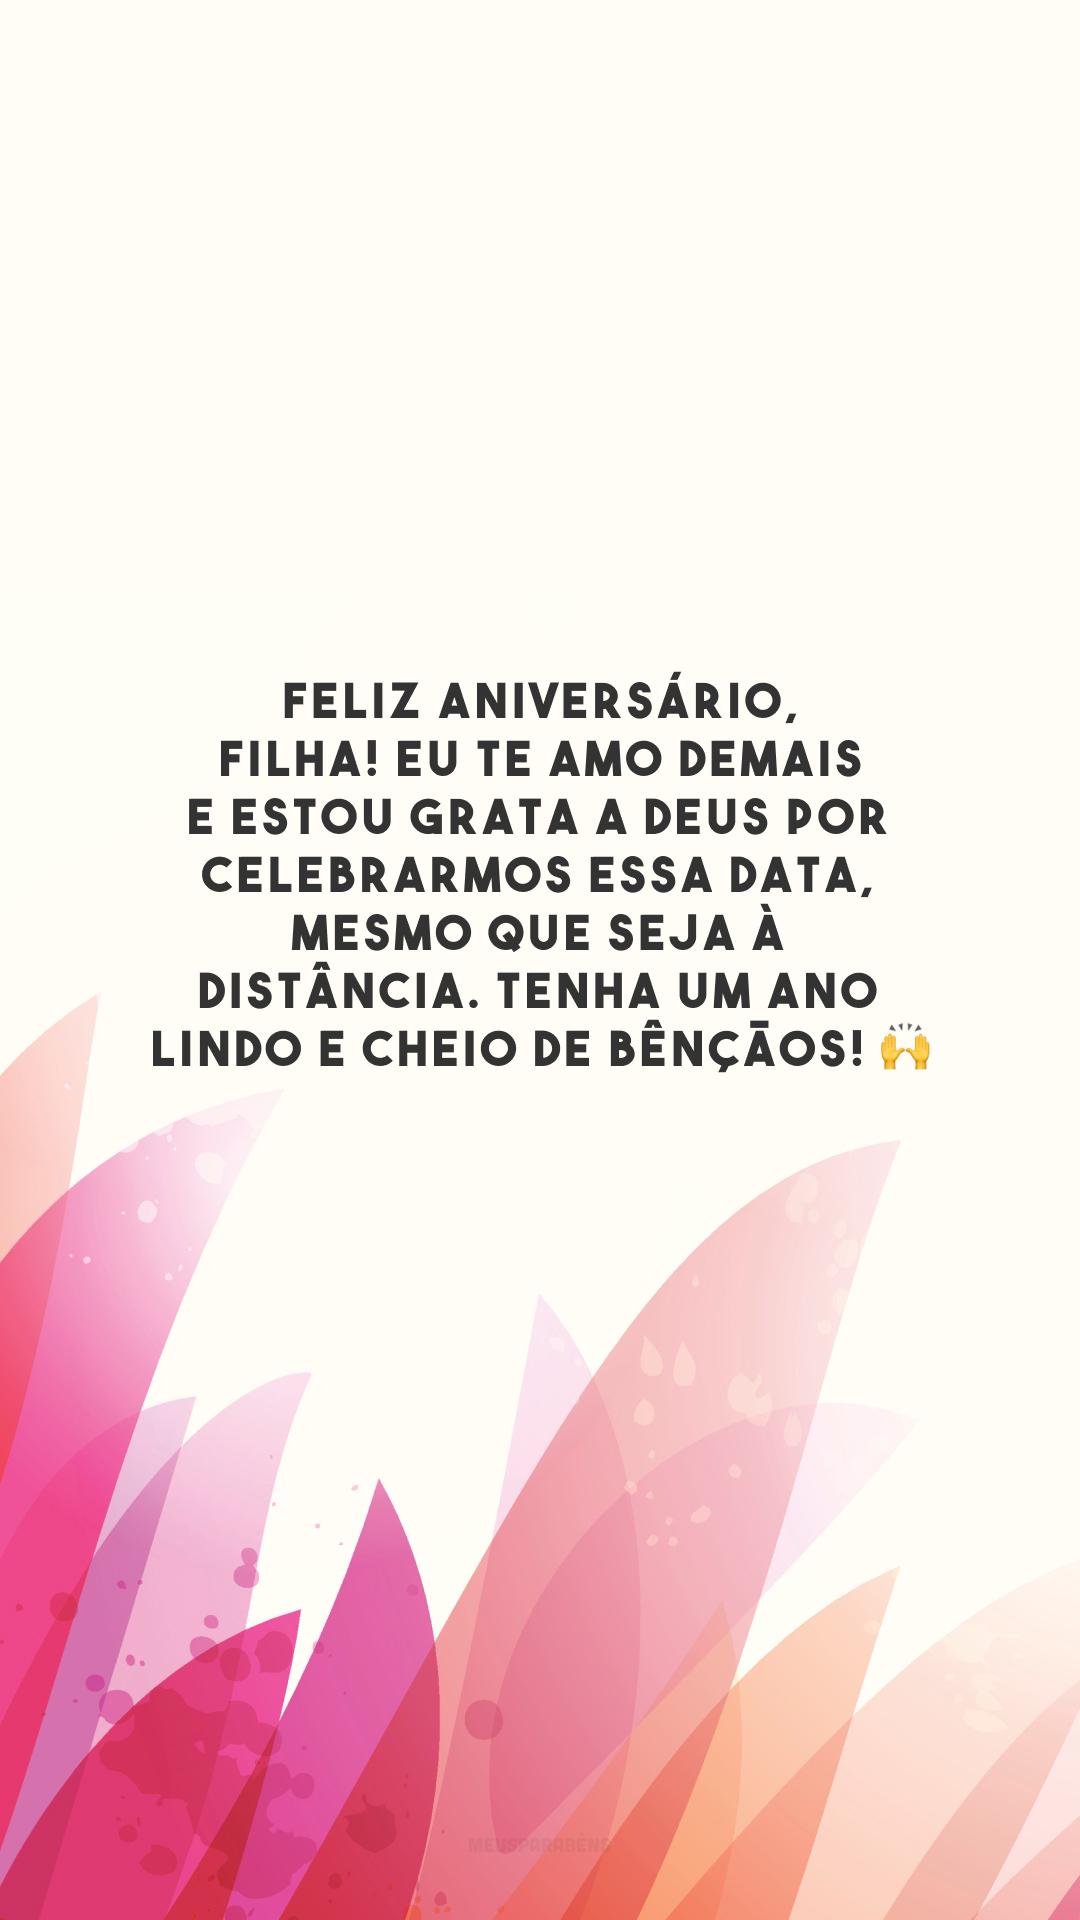 Feliz aniversário, filha! Eu te amo demais e estou grata a Deus por celebrarmos essa data, mesmo que seja à distância. Tenha um ano lindo e cheio de bênçãos! 🙌